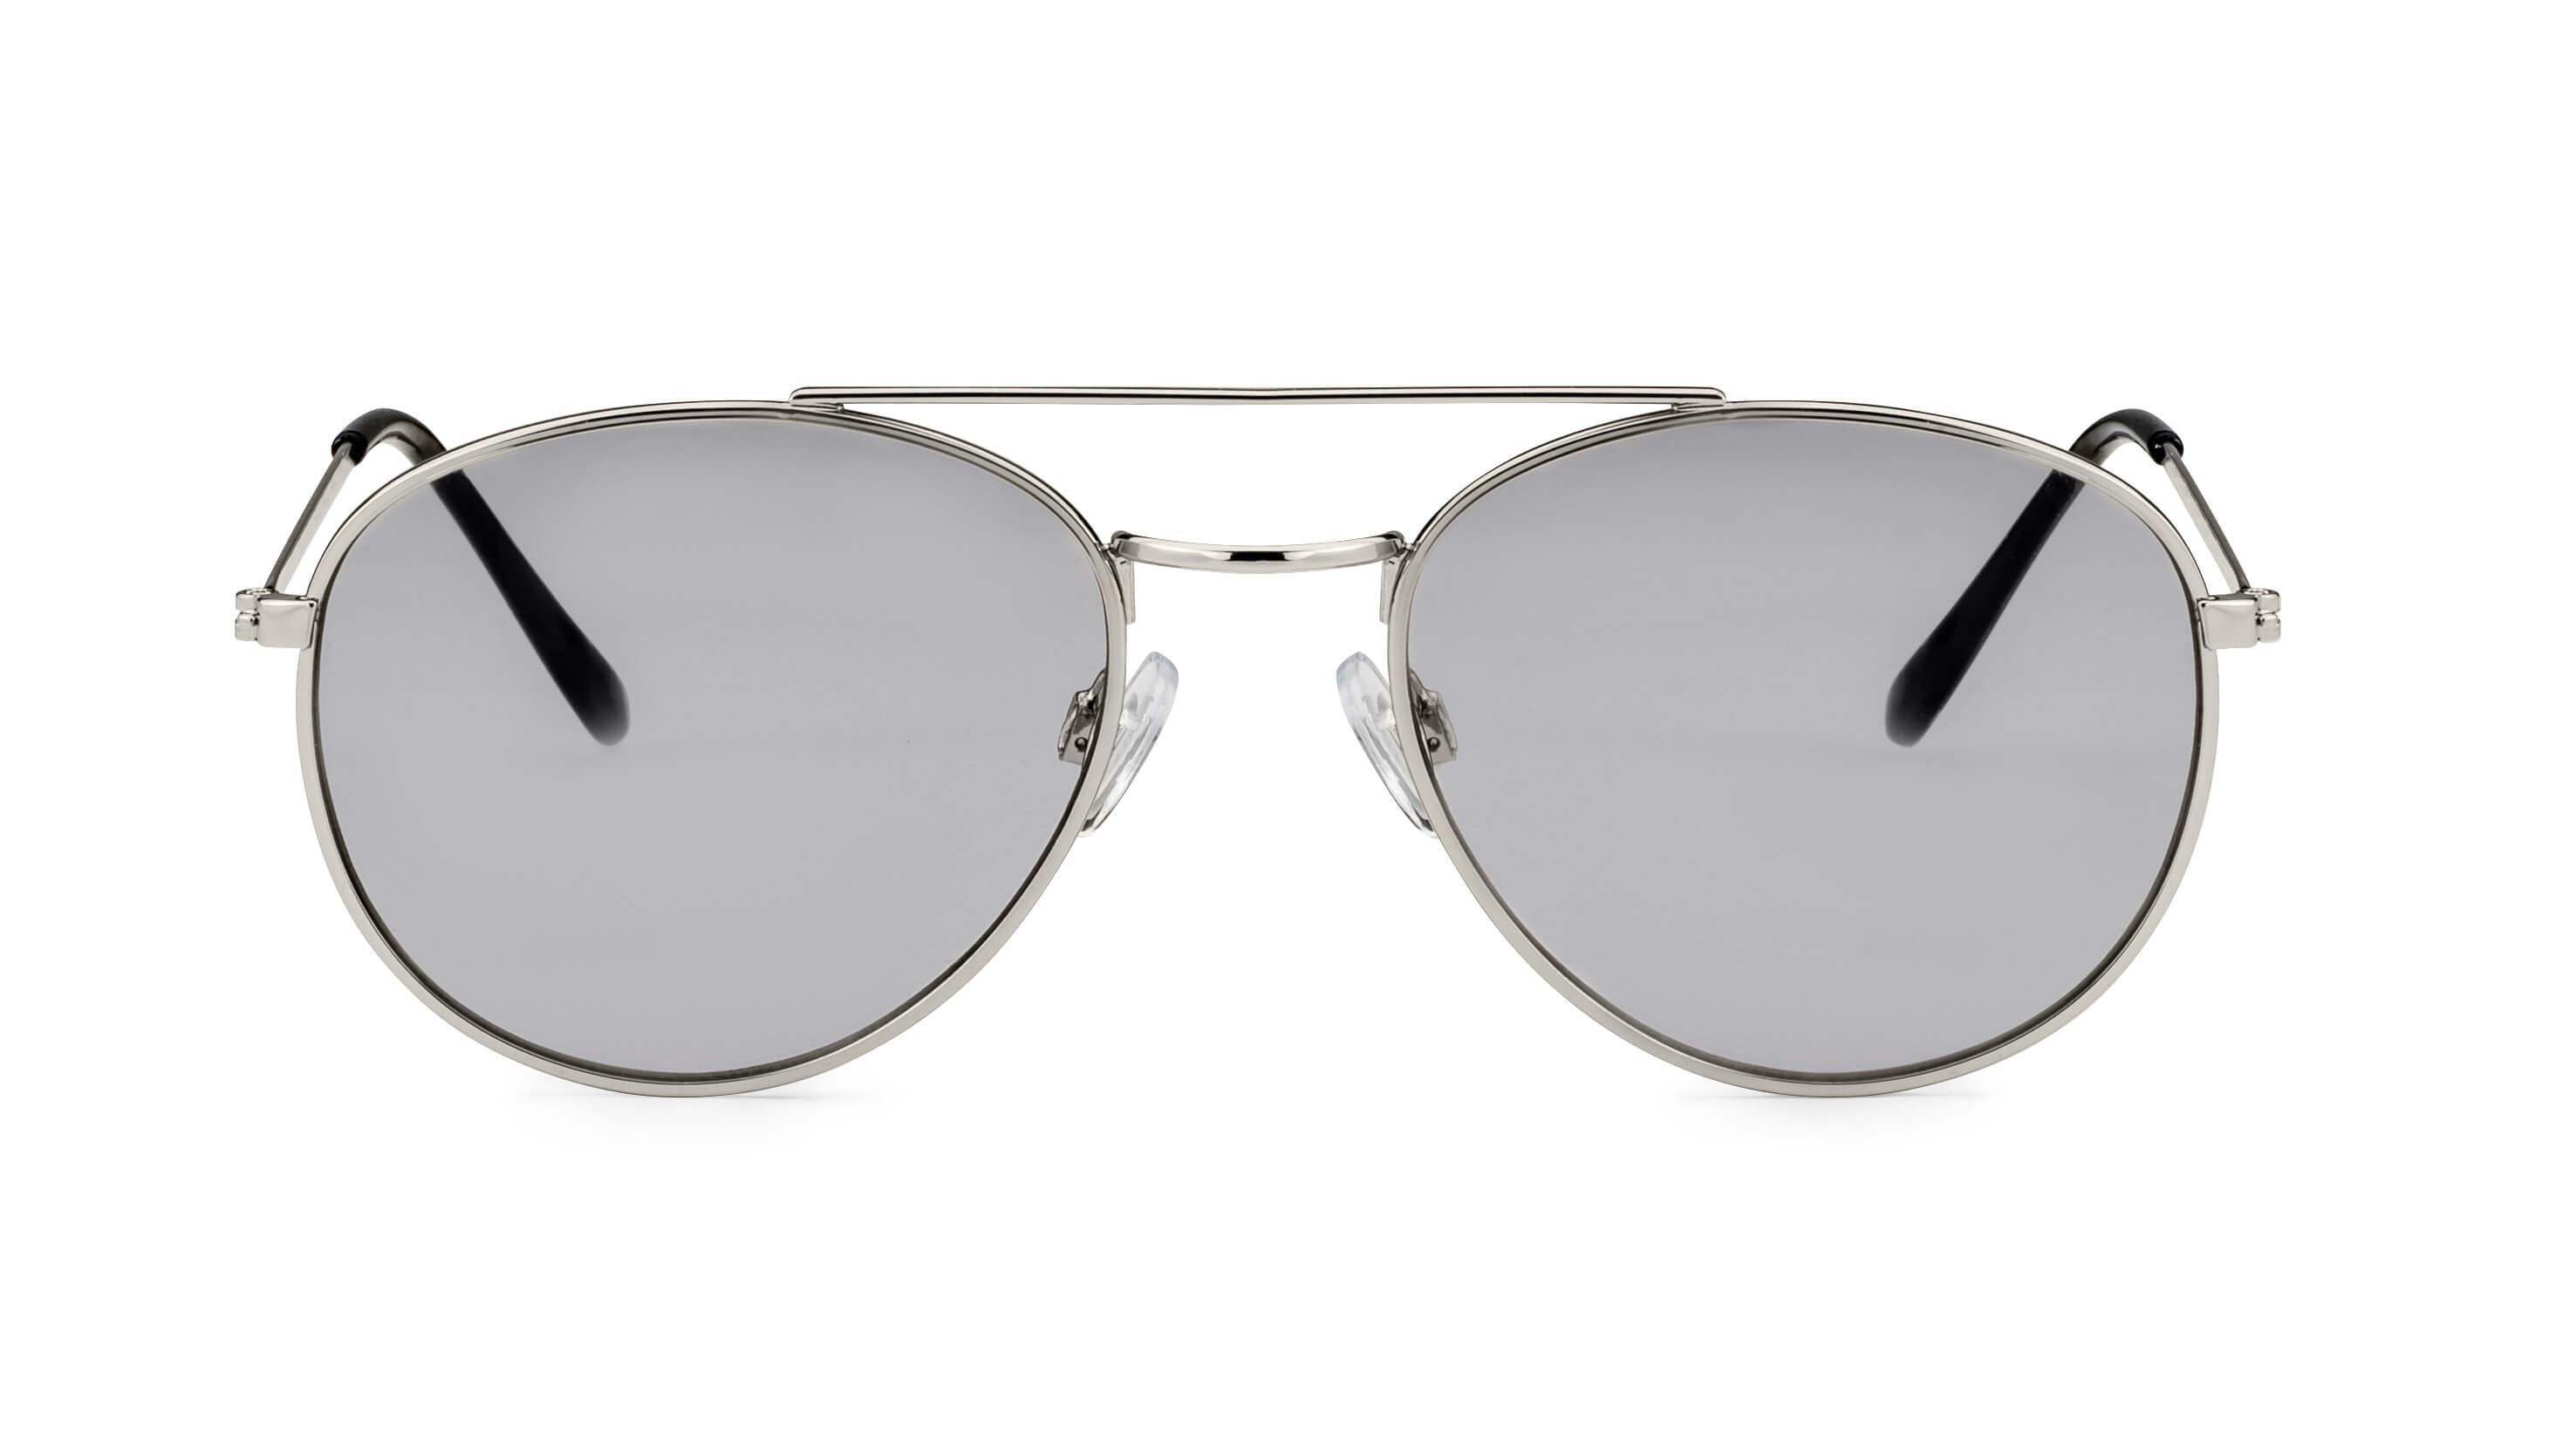 Frontansicht Sonnenbrille F3000610